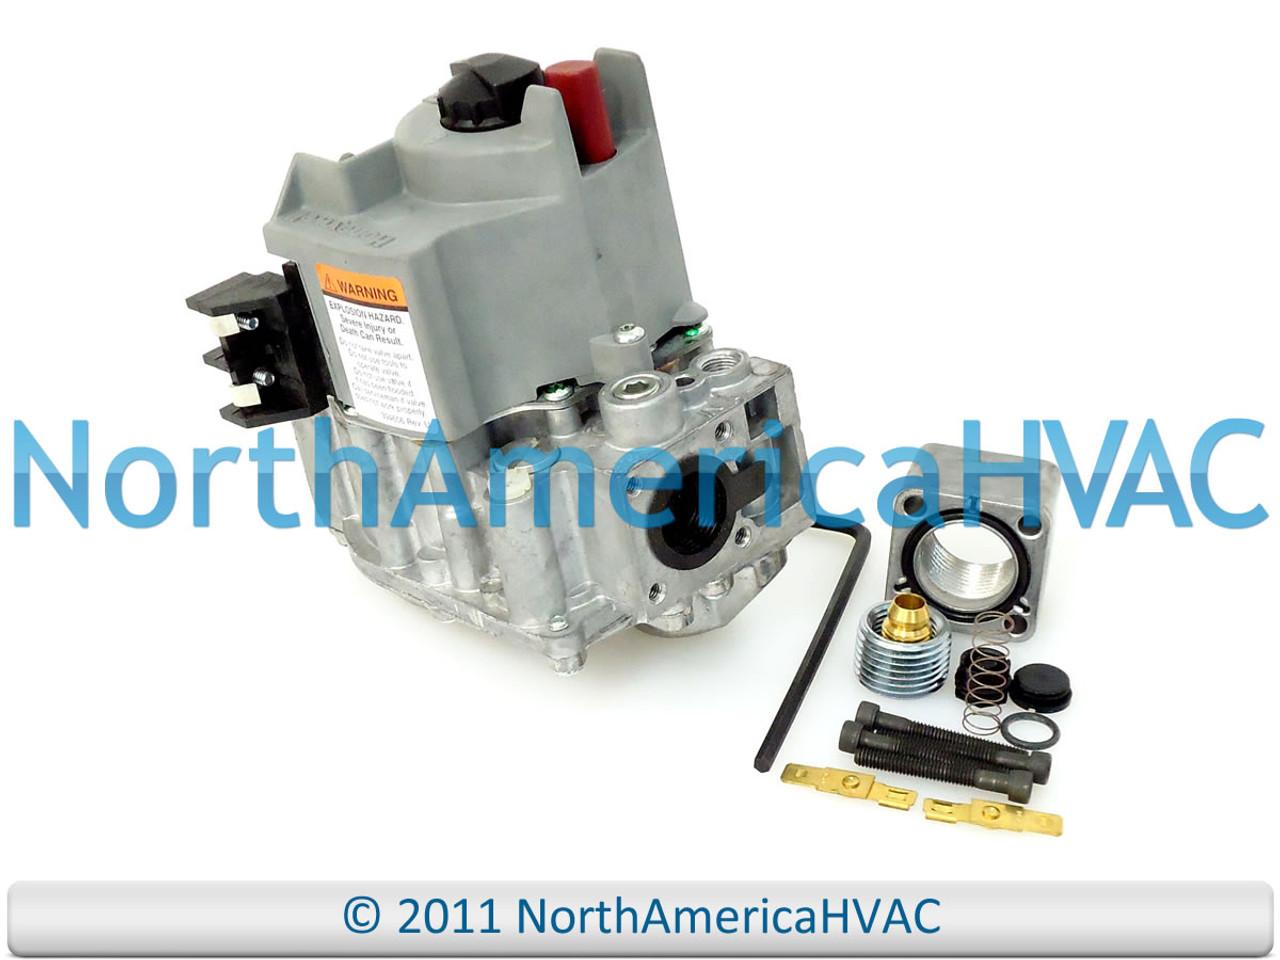 Honeywell Furnace Gas Valve SV9500M 2064 SV9501M 2674 SV9500M2064 SV9501M2674